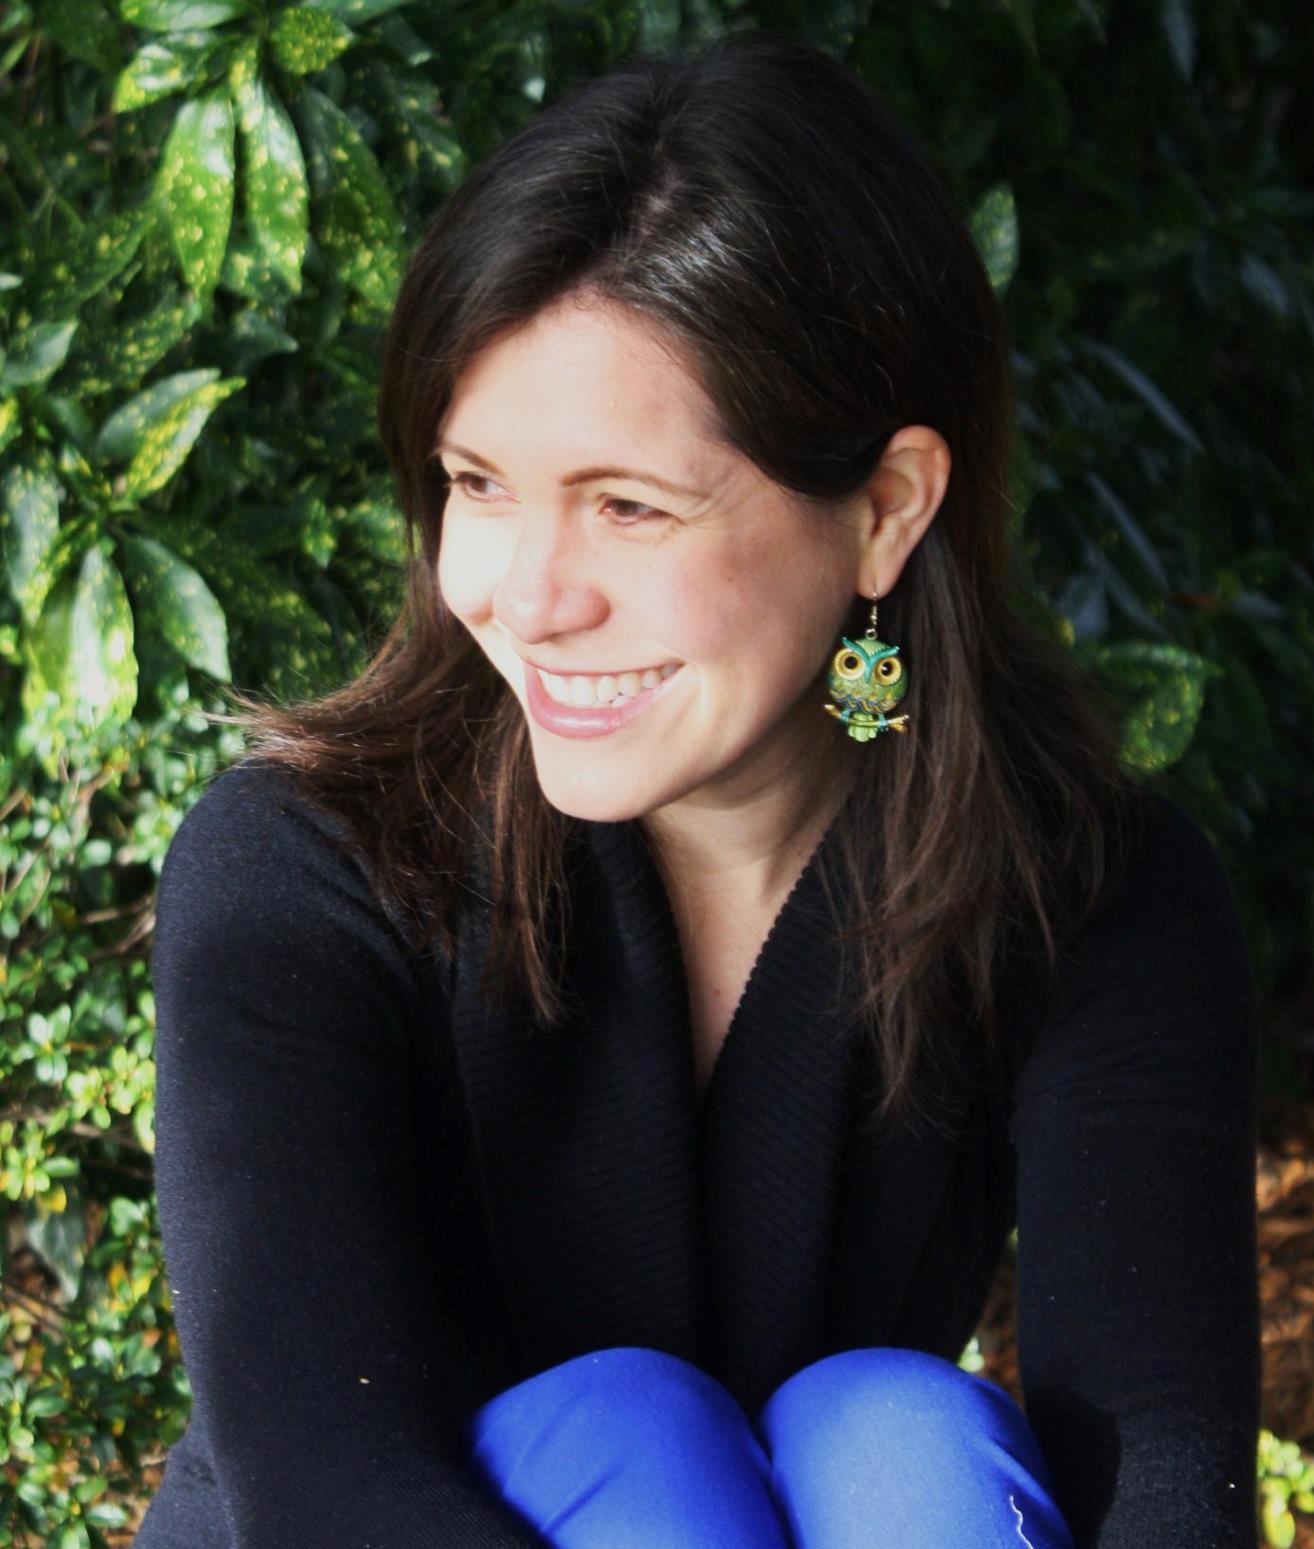 Elizabeth Isenhour